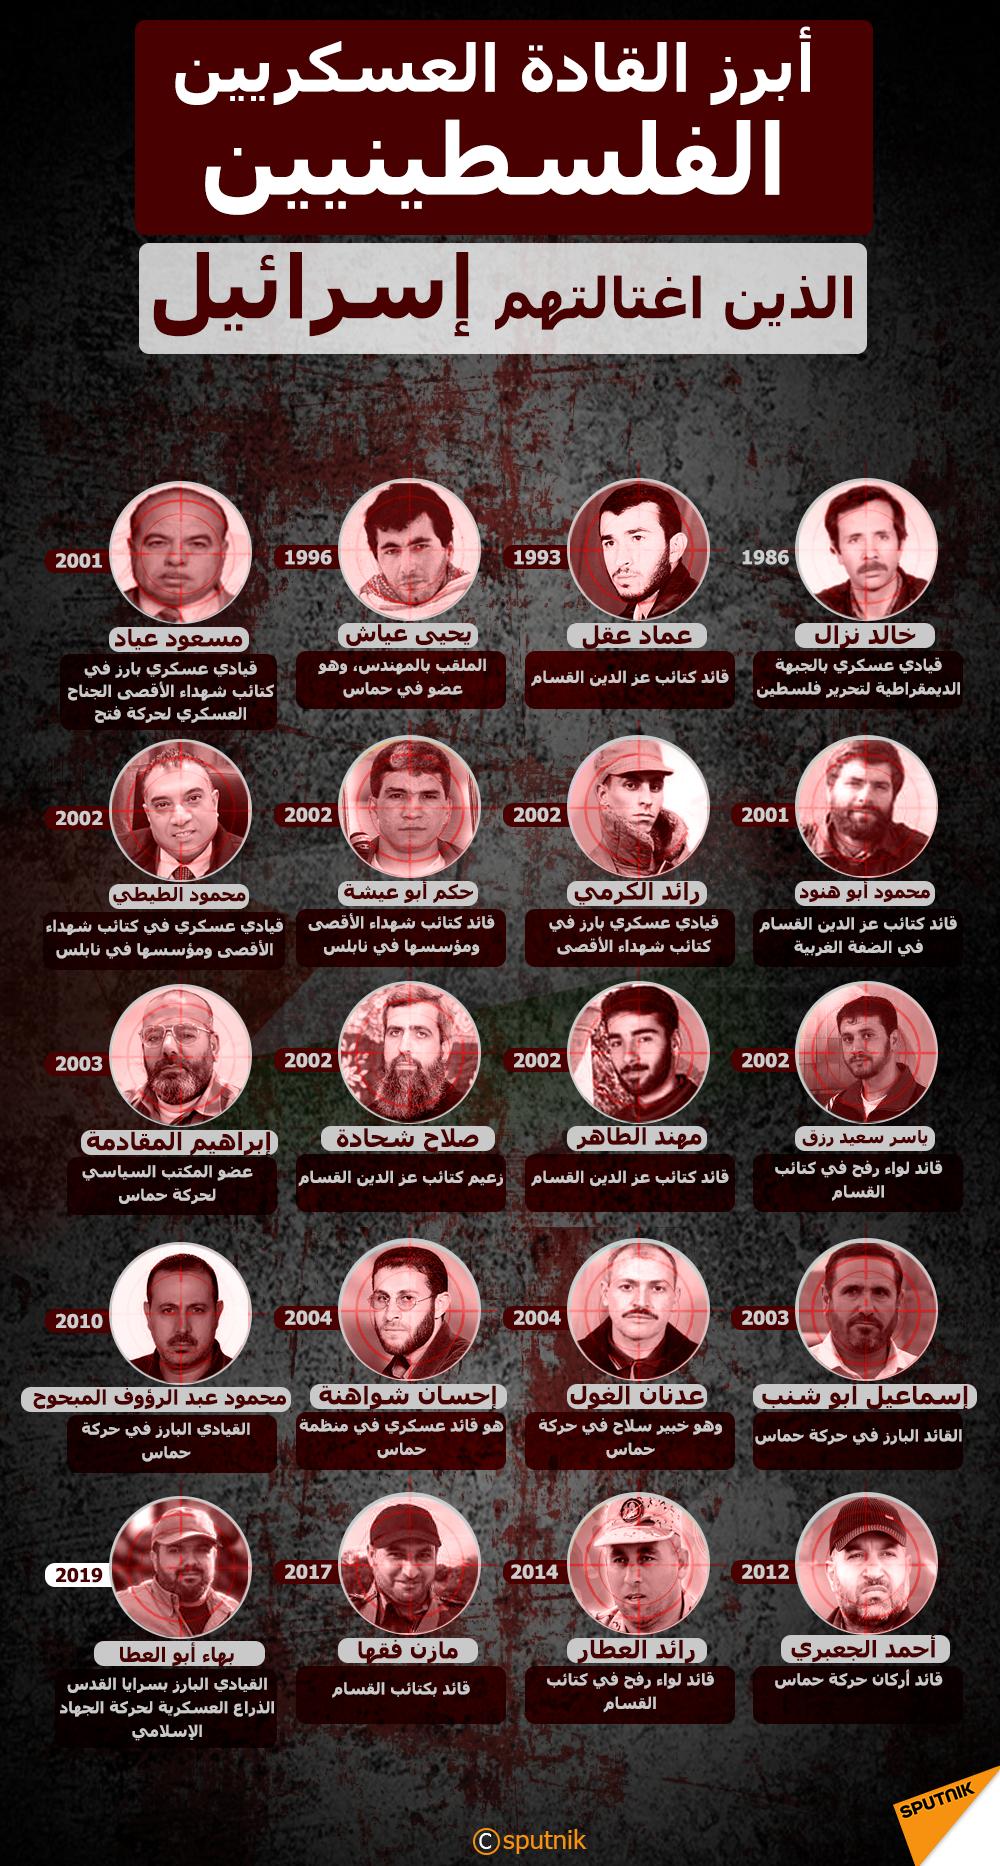 إنفوجرافيك - أبرز القادة العسكريين الفلسطينيين الذين اغتالتهم إسرائيل